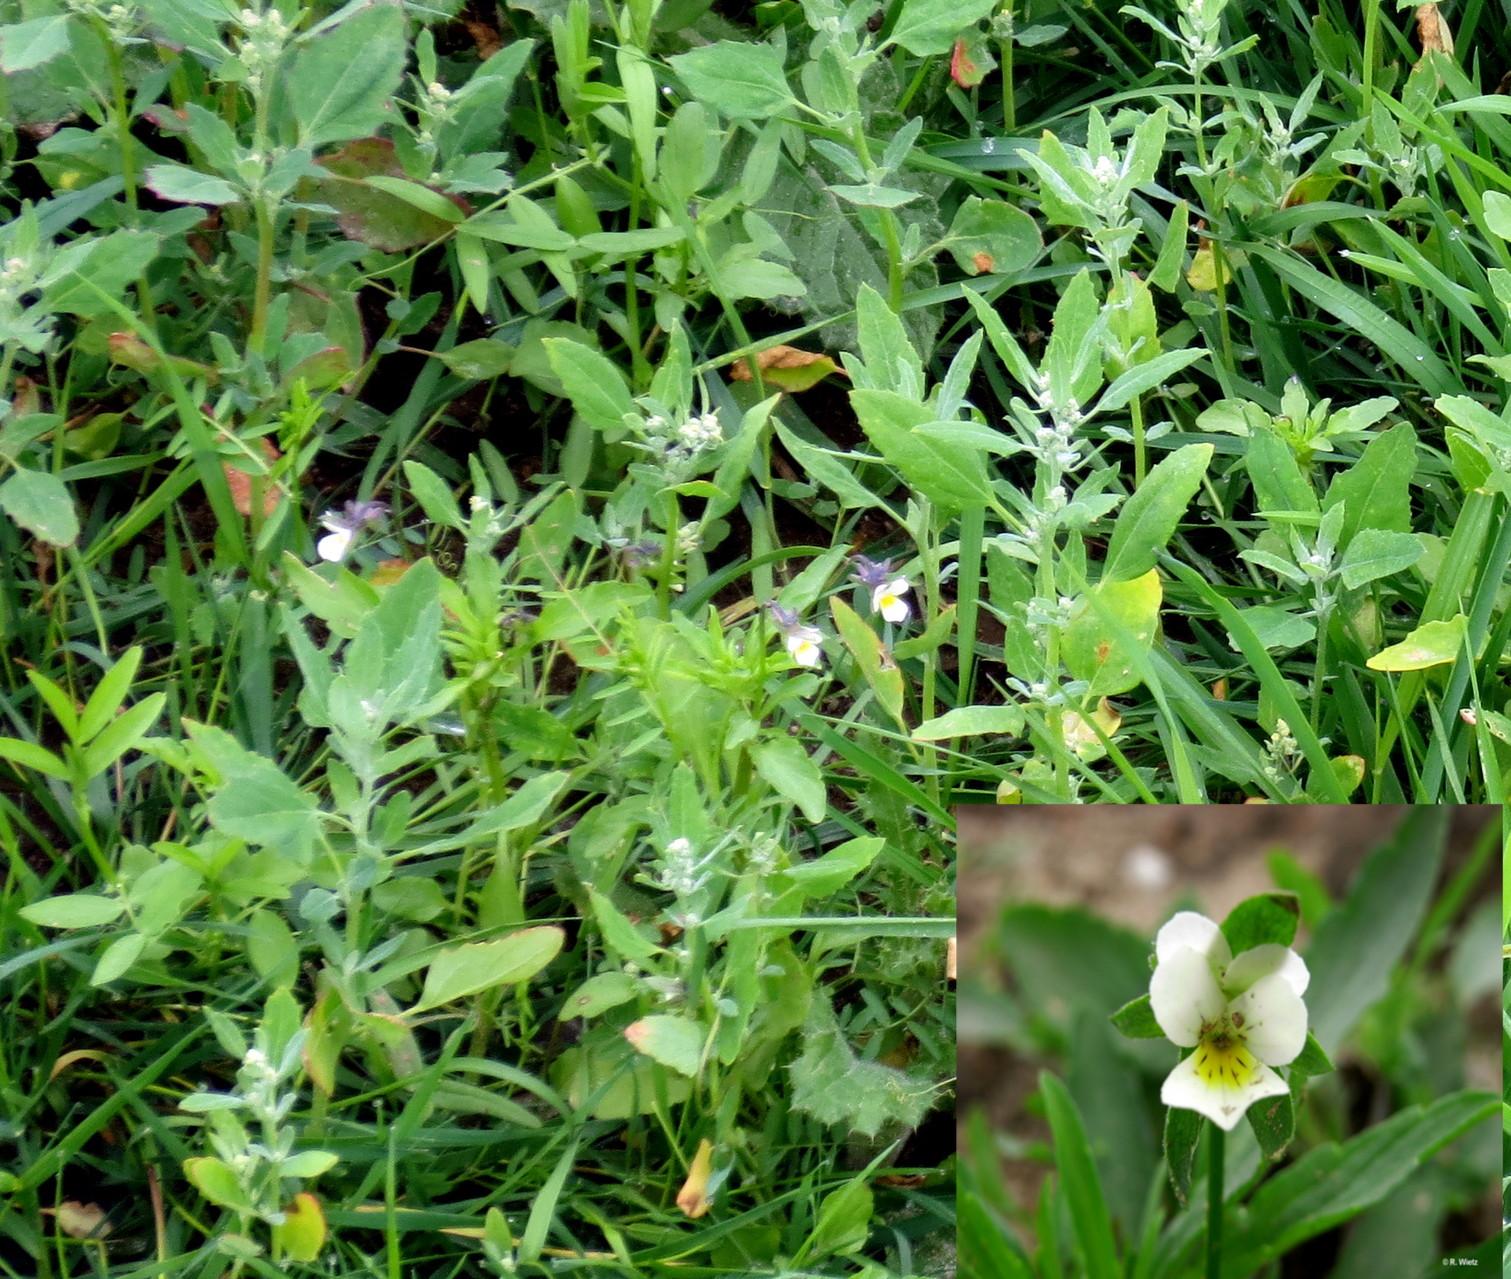 Acker-Stiefmütterchen (Viola arvensis) 29. Mai 2014